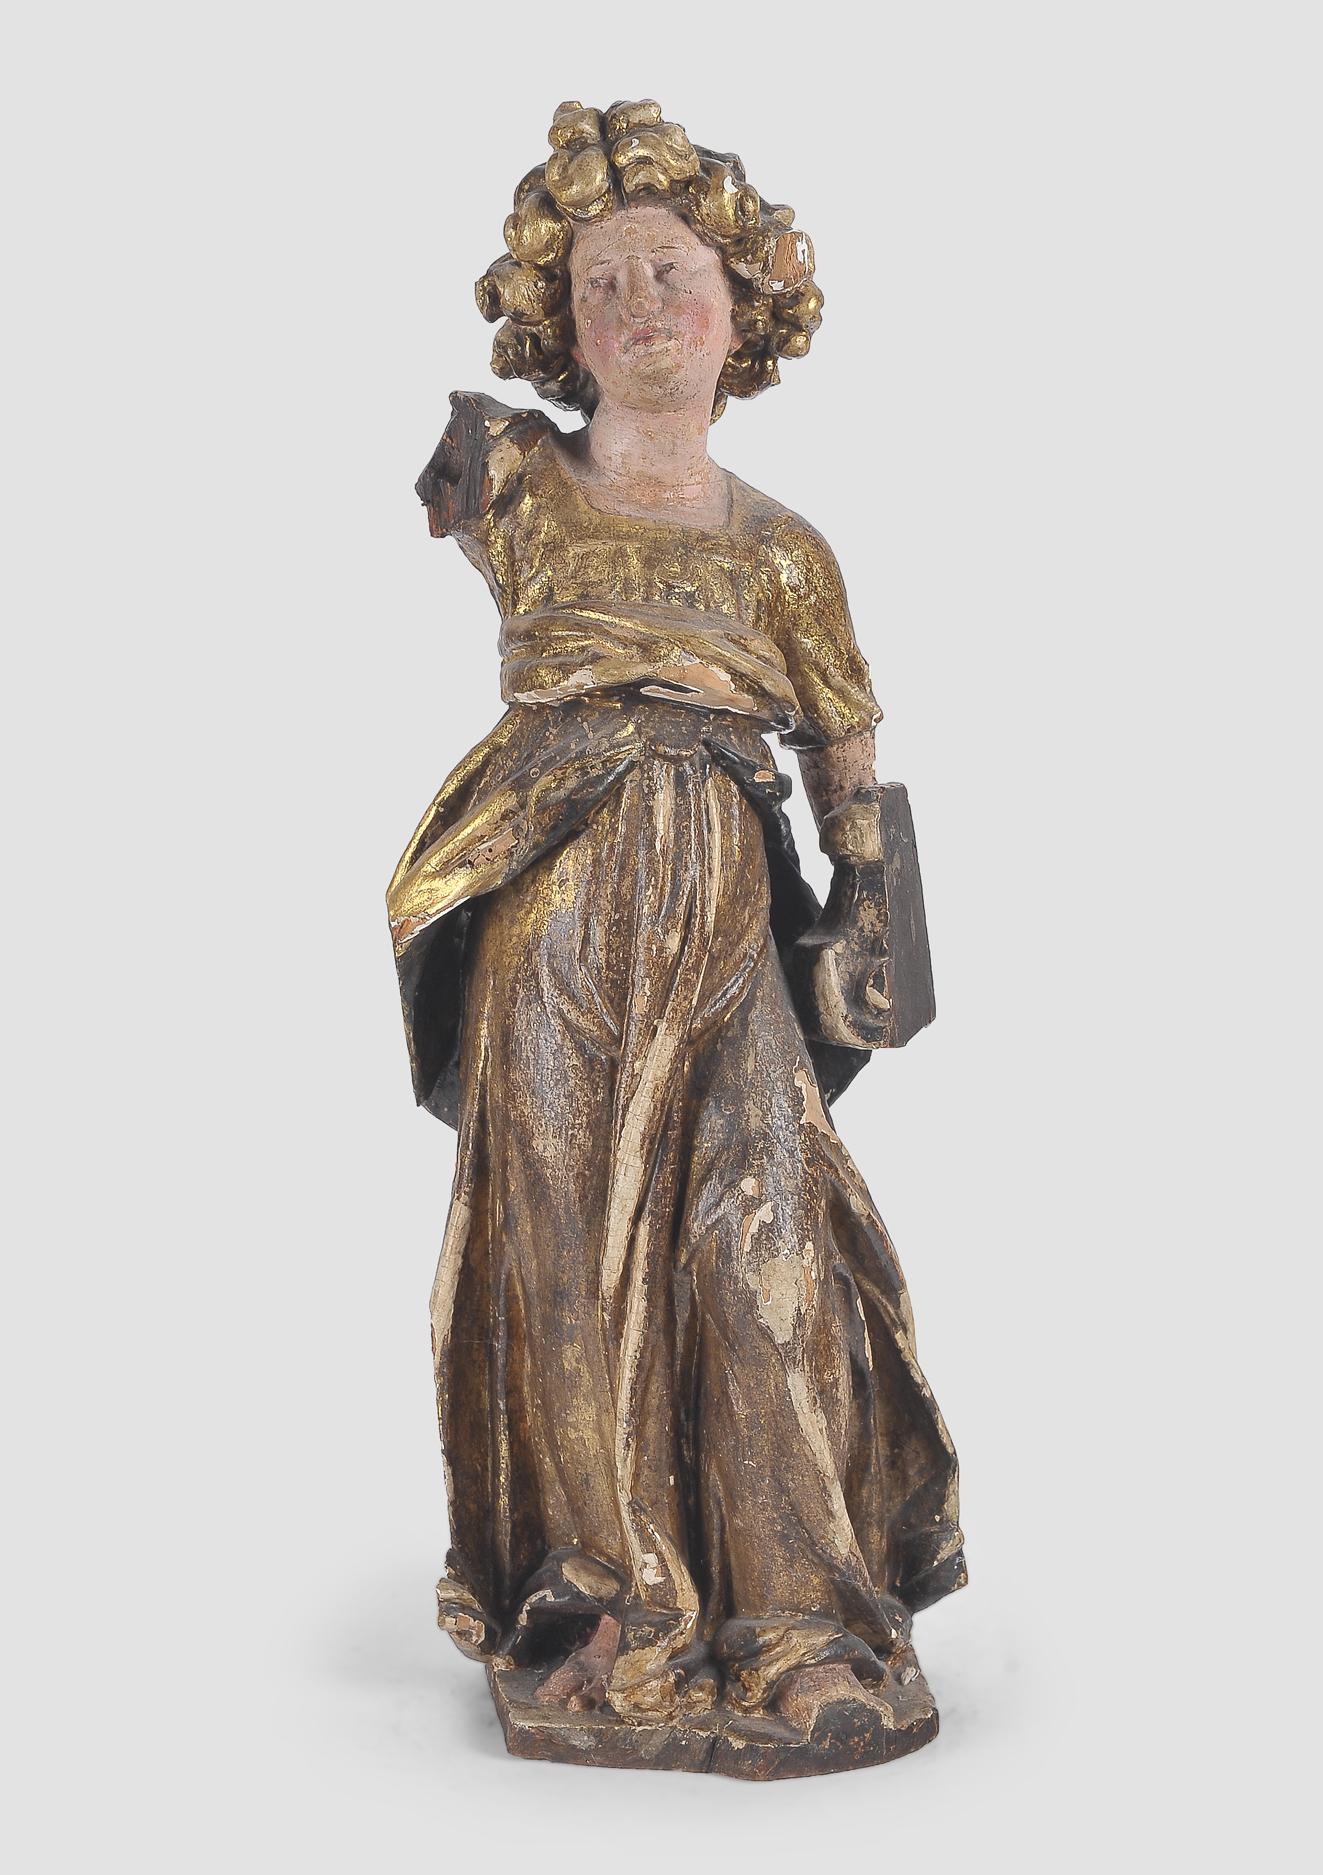 Stehender Engel, Süddeutsch, 17. Jahrhundert